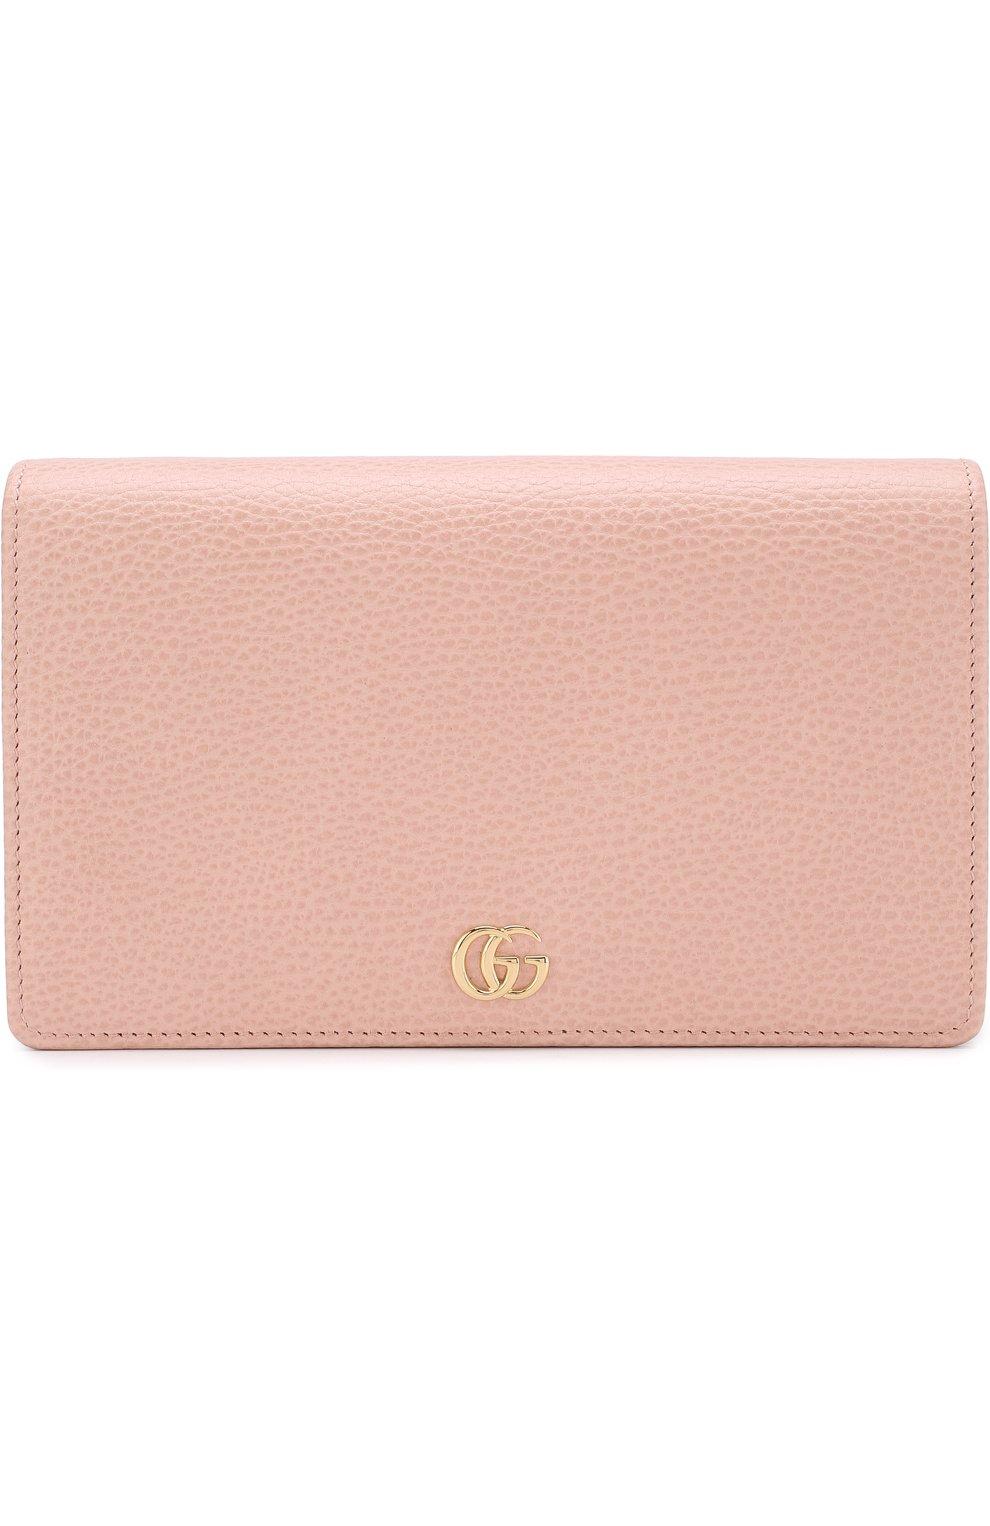 Женская сумка gg marmont mini GUCCI розового цвета, арт. 497985/CA00G | Фото 1